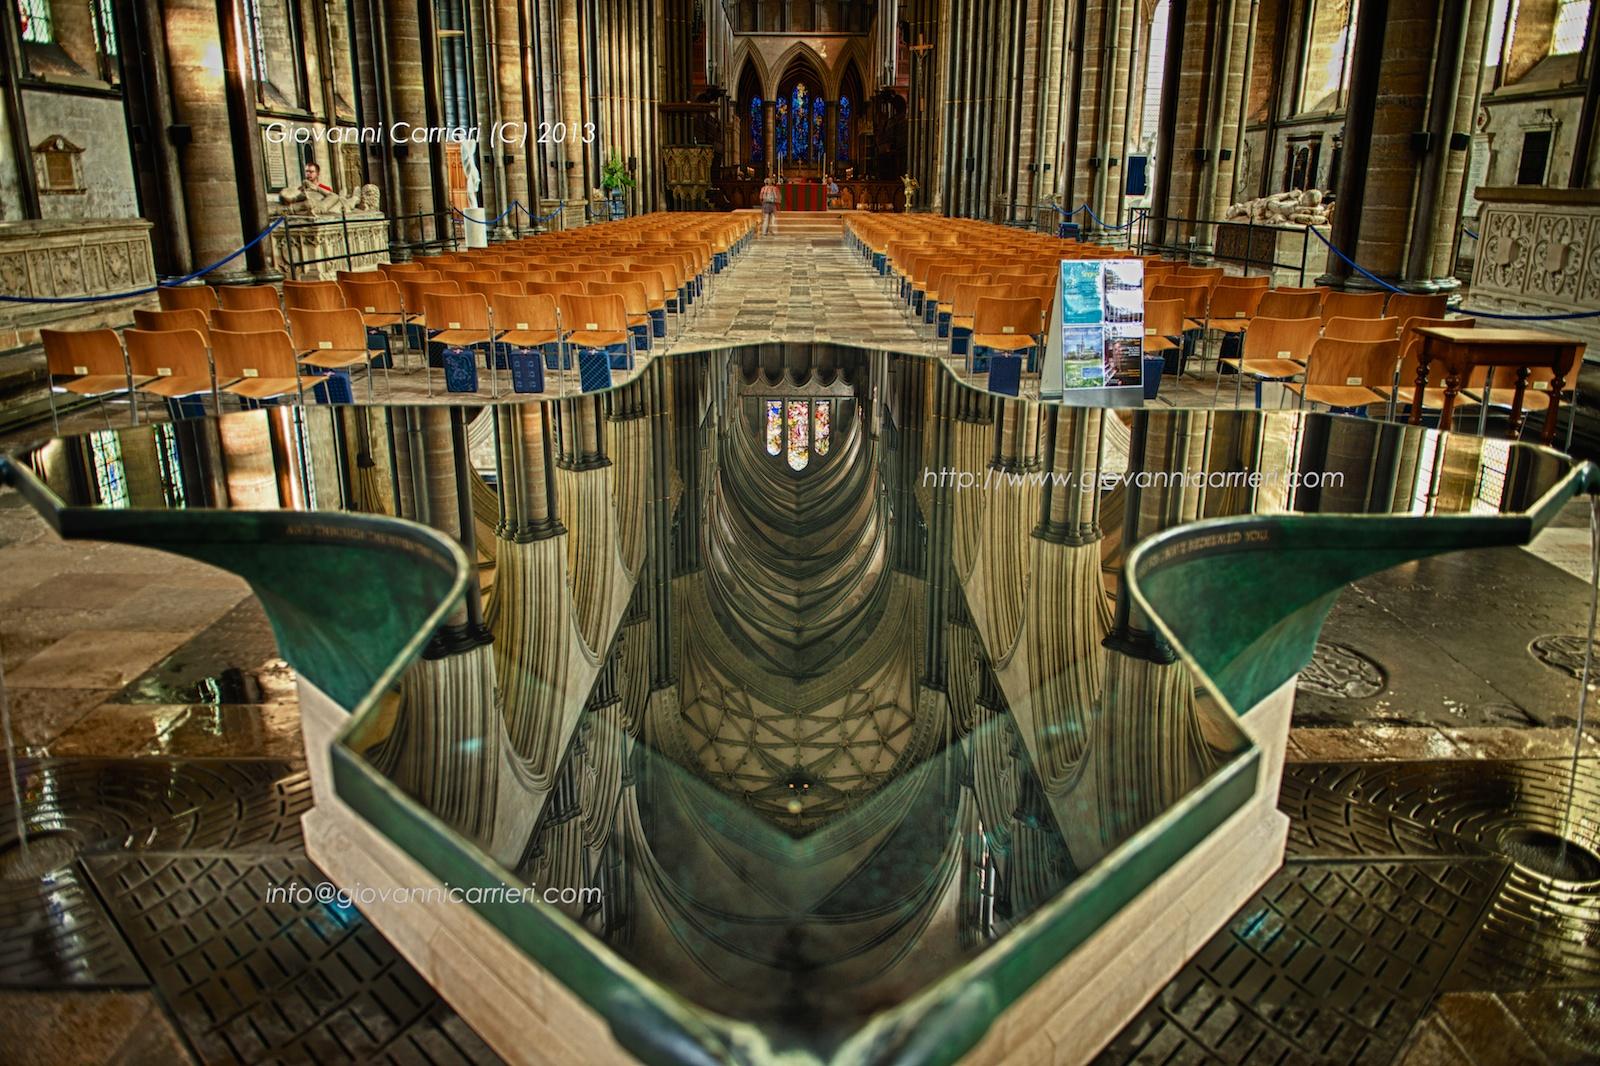 L'acquasantiera della Cattedrale di Salisbury